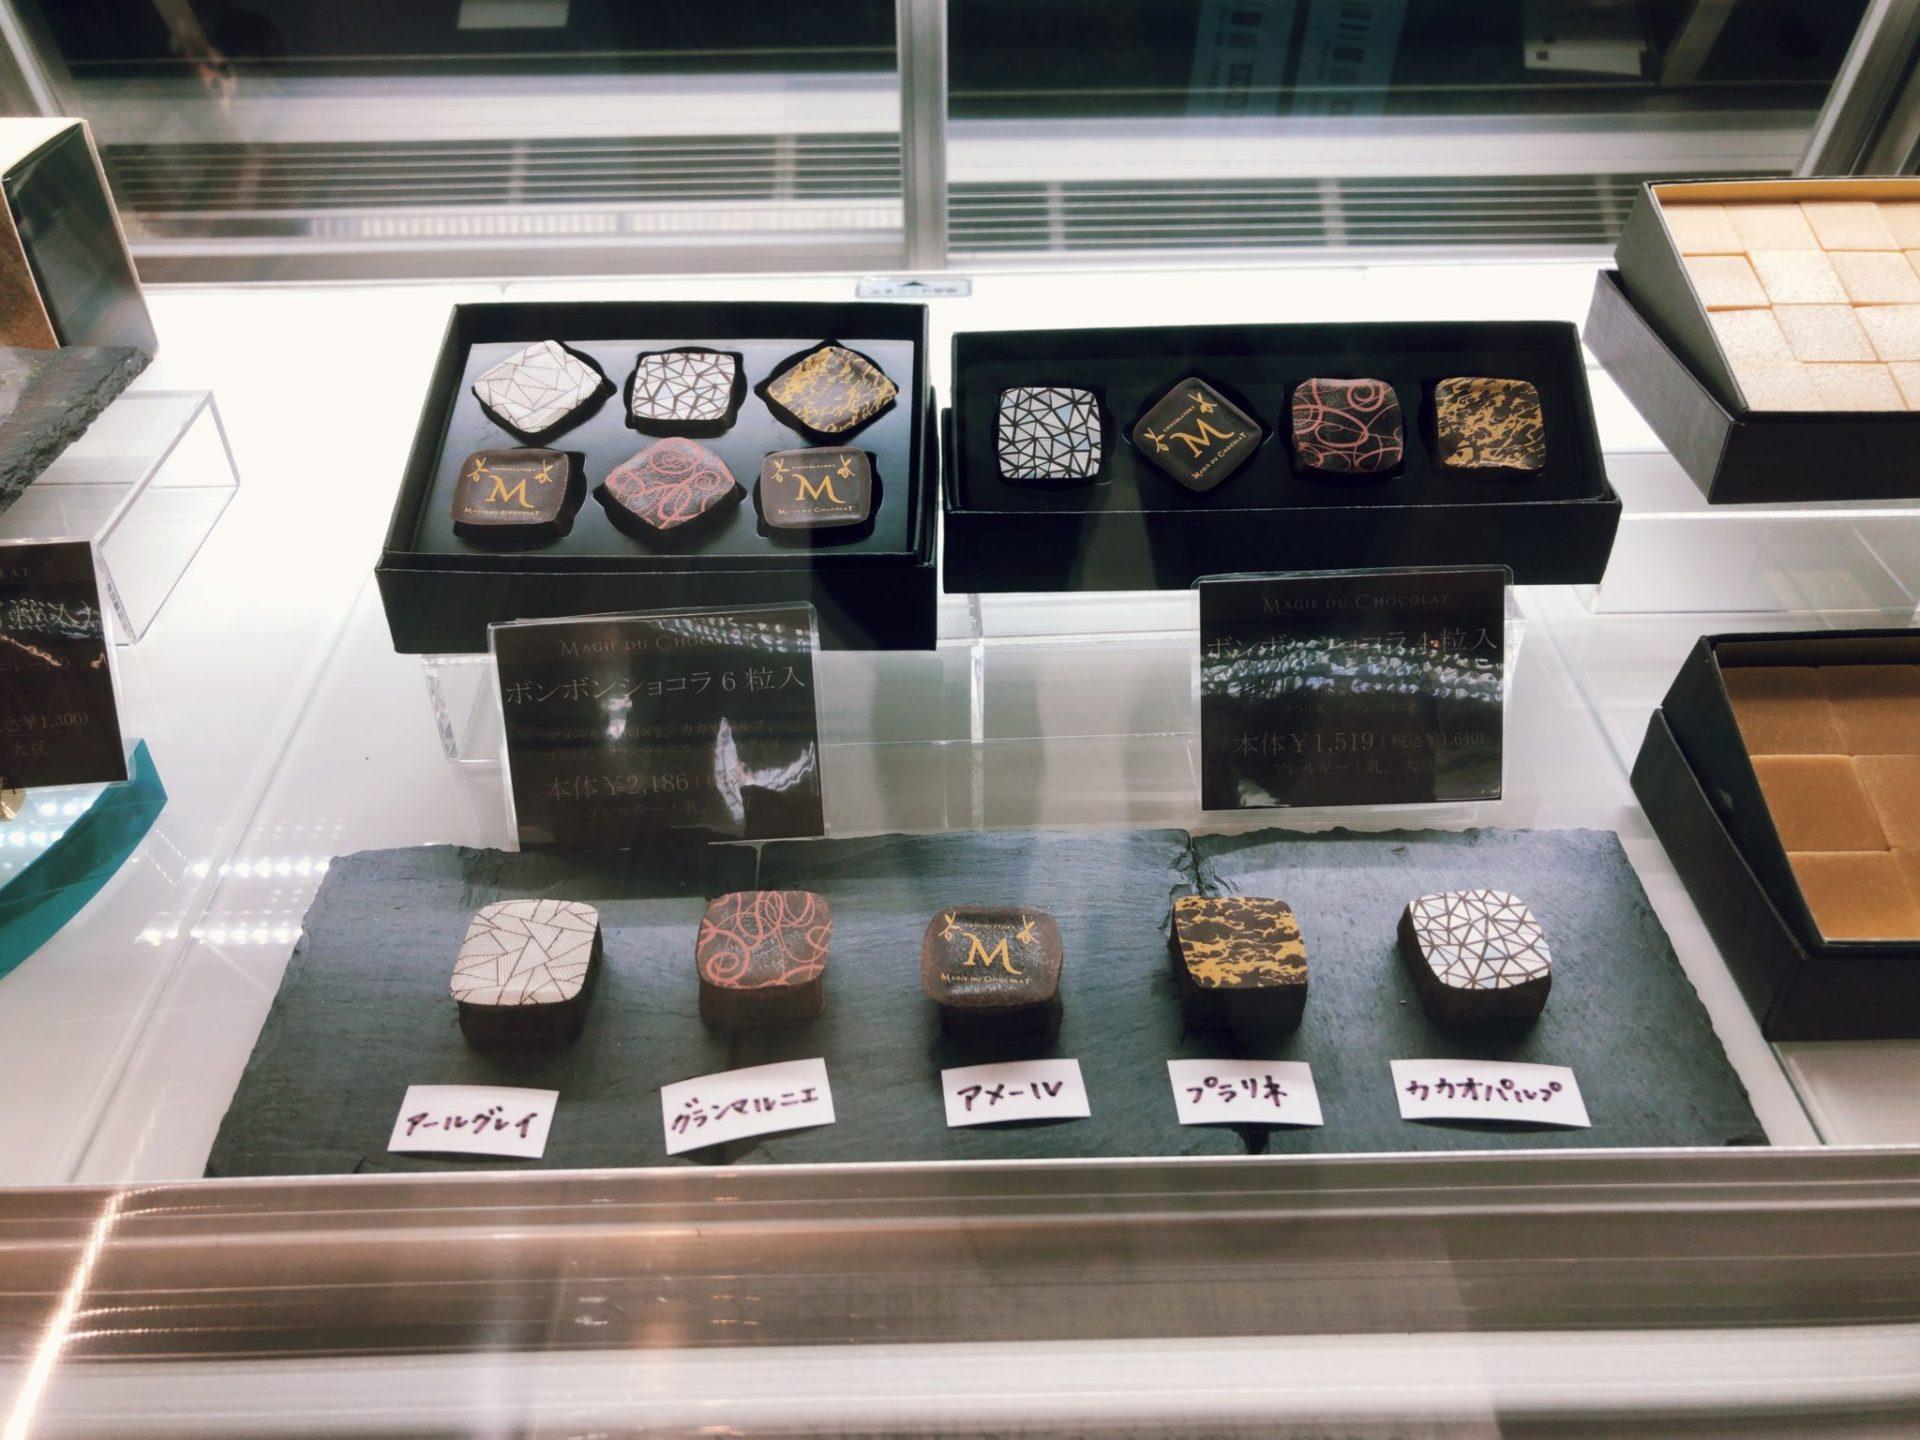 マジドゥショコラ自由が丘本店のチョコレート